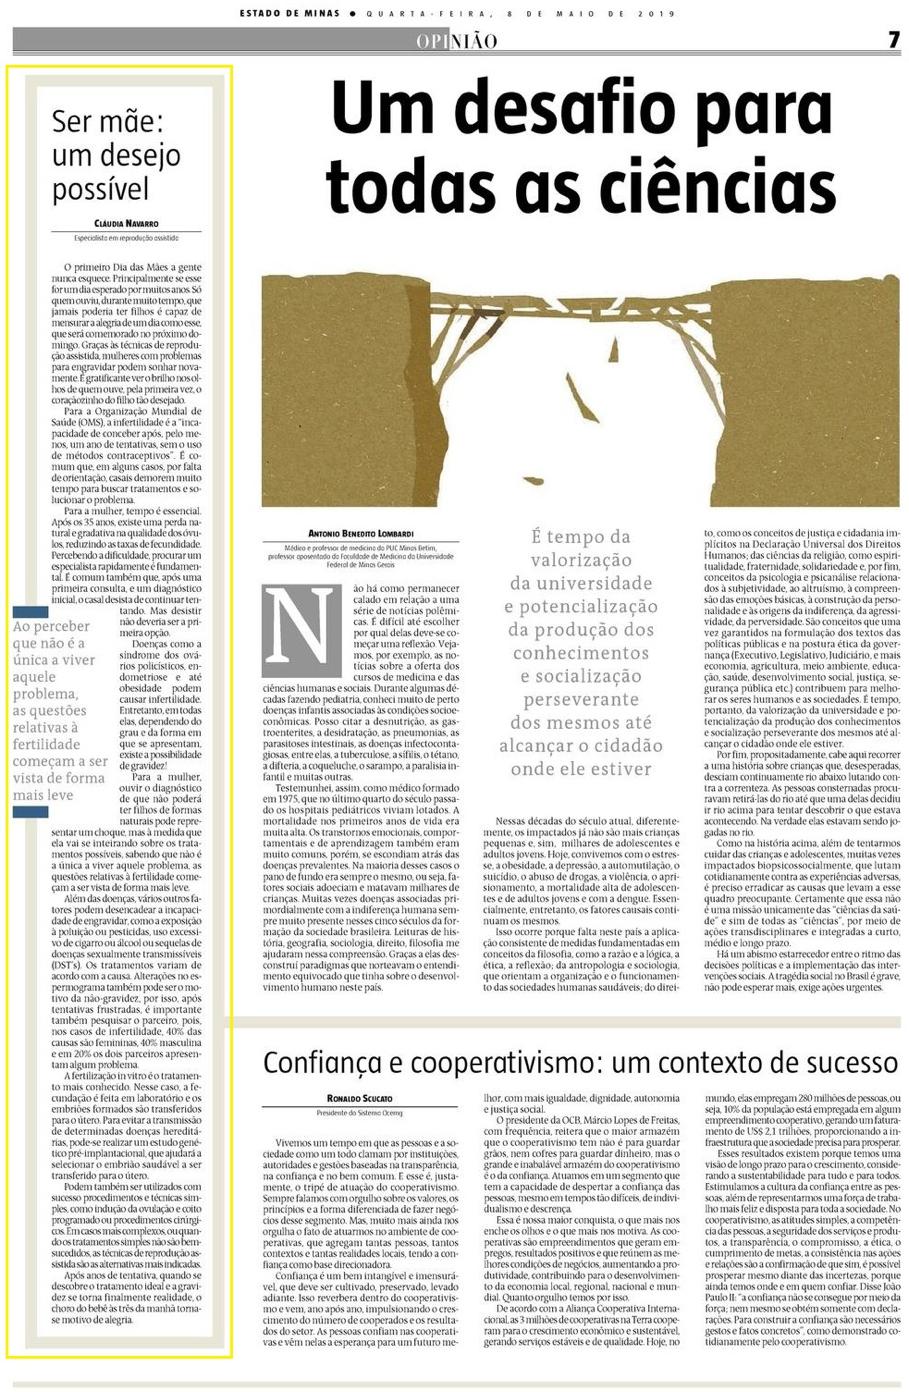 Jornal Estado de Minas – ARTIGO Ser mãe: um desejo possível